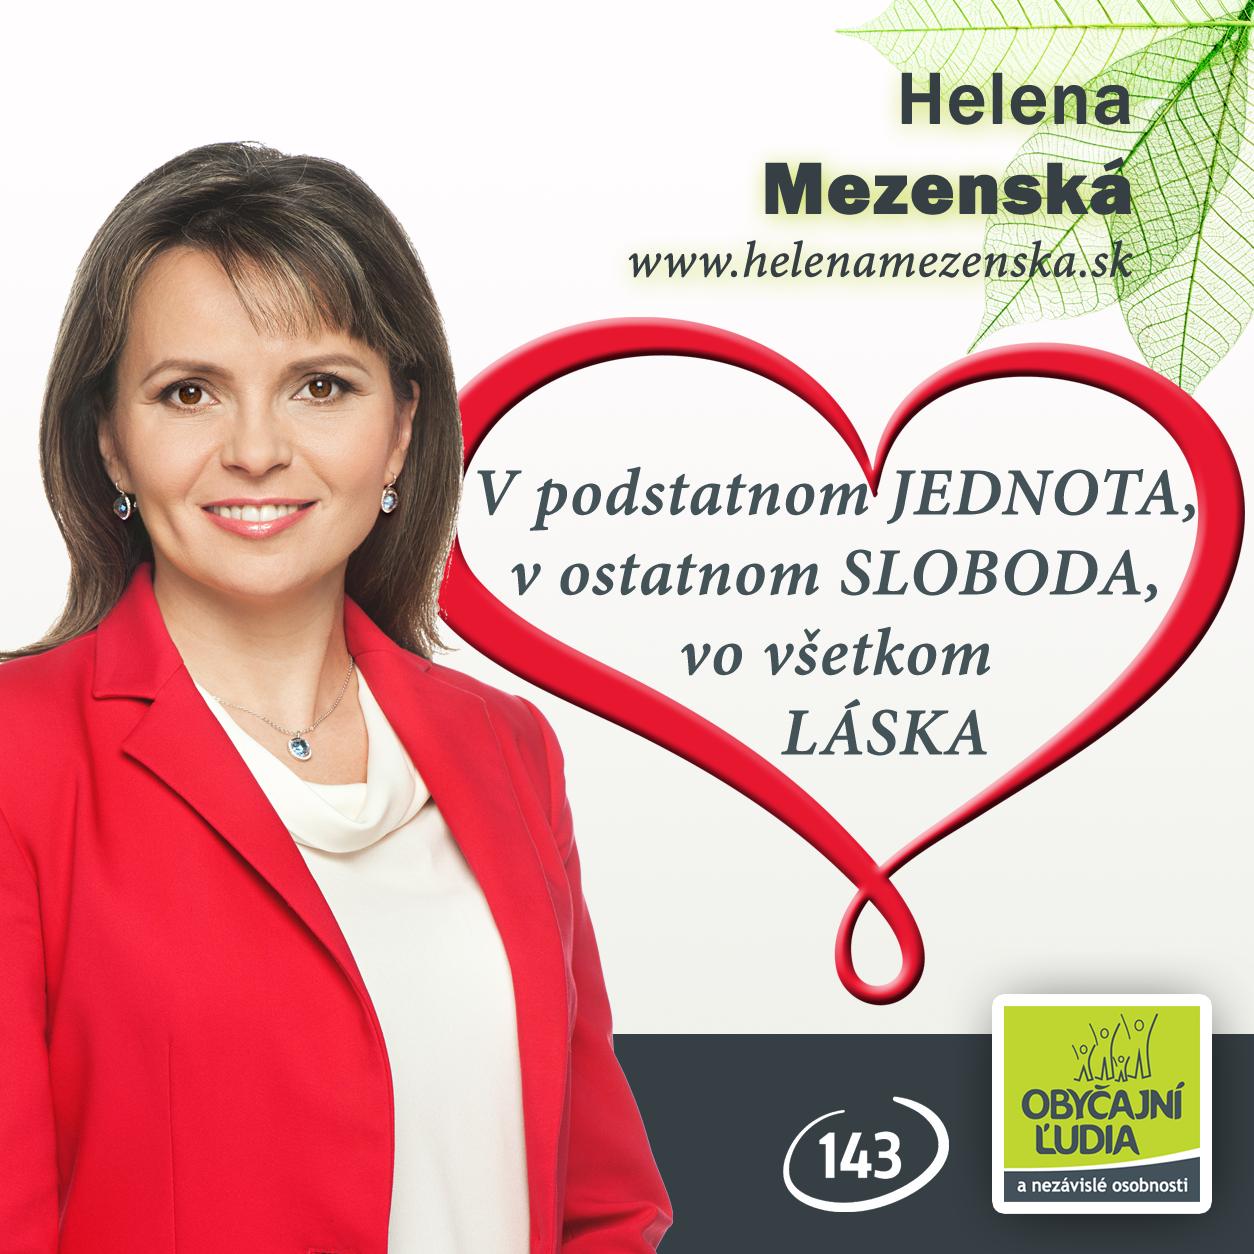 Valentinska1